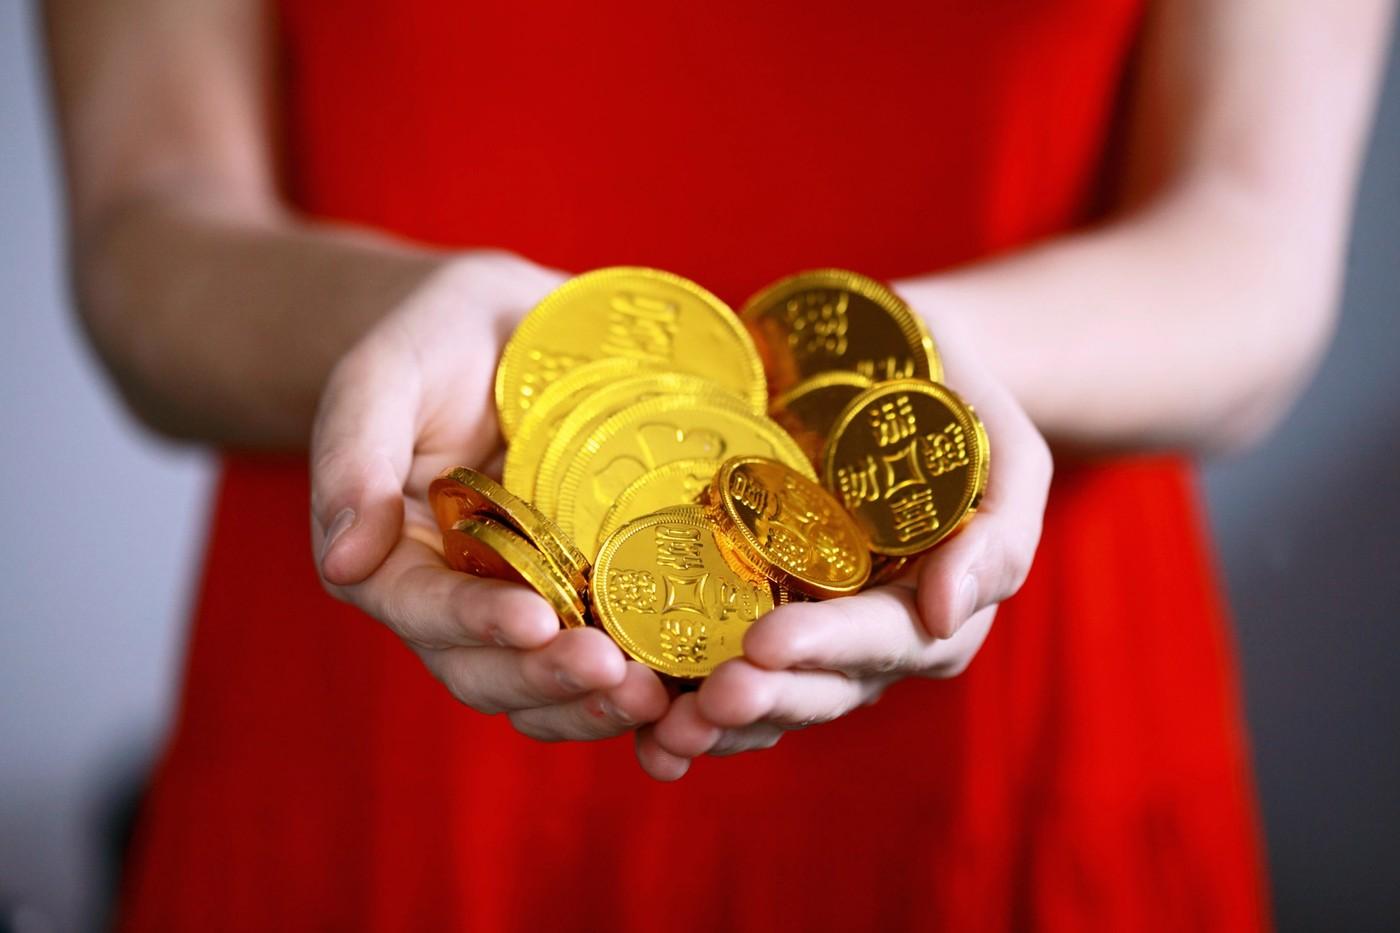 Des pièces d'or dans des mains